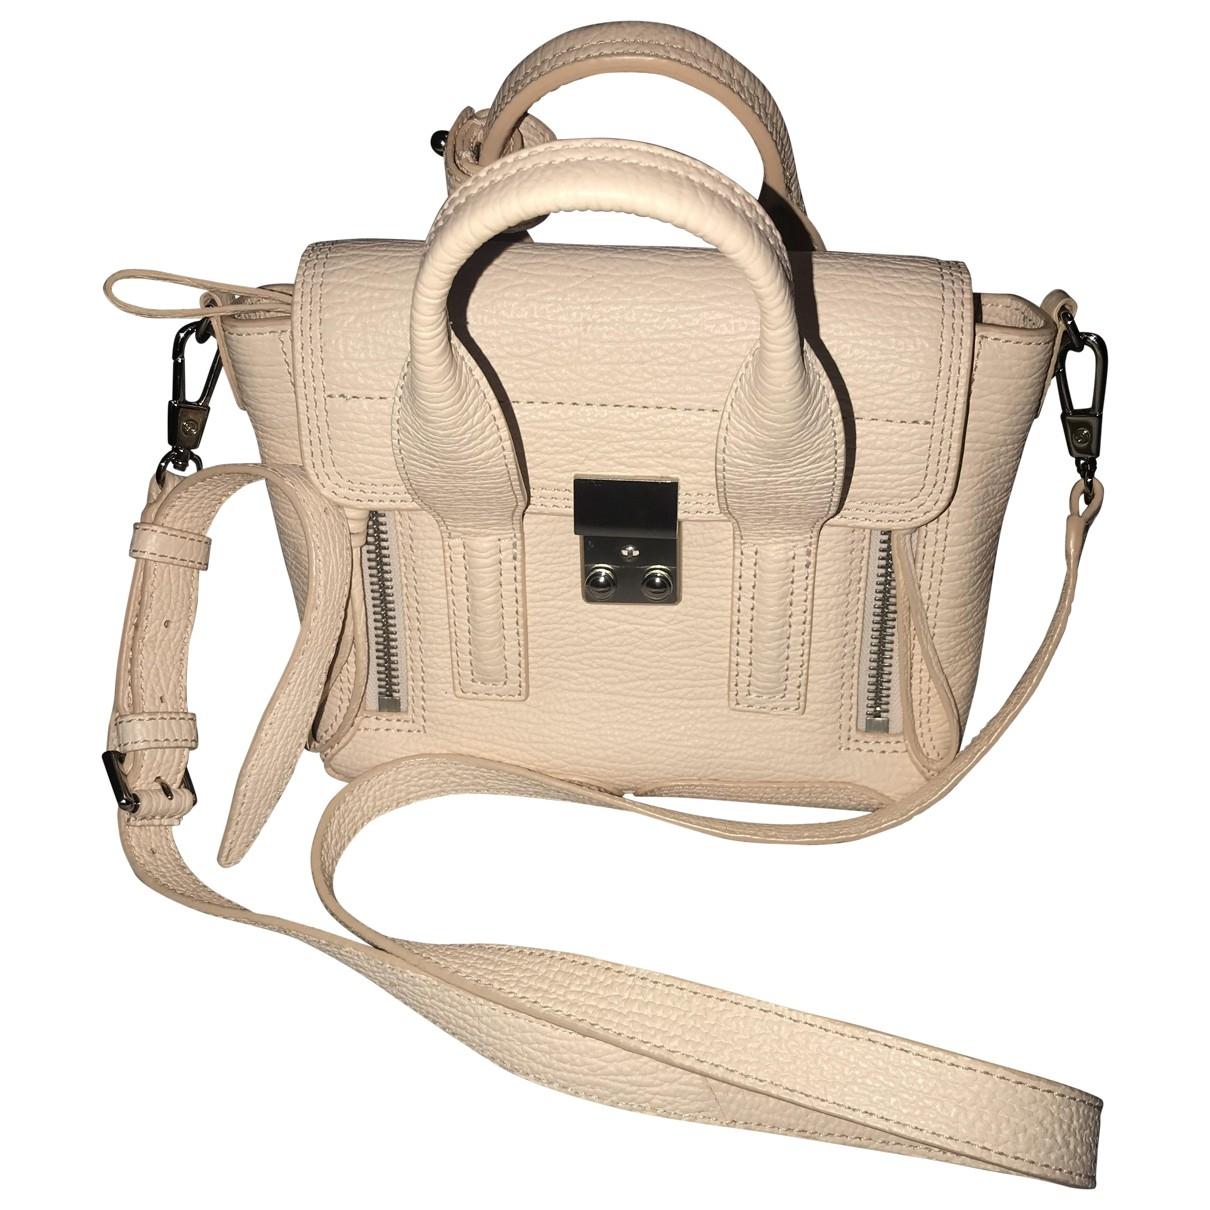 3.1 Phillip Lim Pashli Leather handbag for Women \N